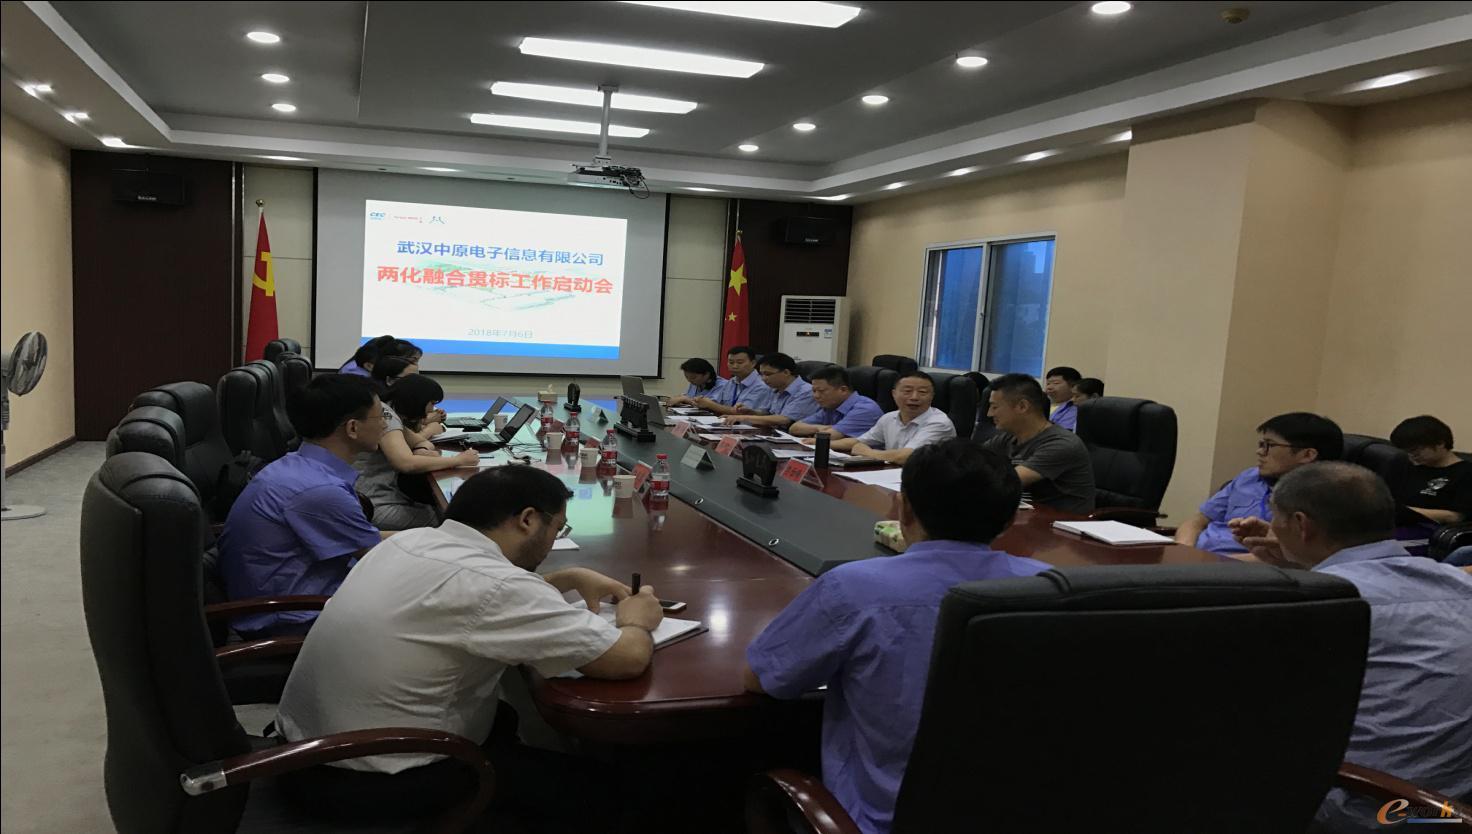 武汉中原电子信息有限公司两化融合管理体系贯标启动会现场